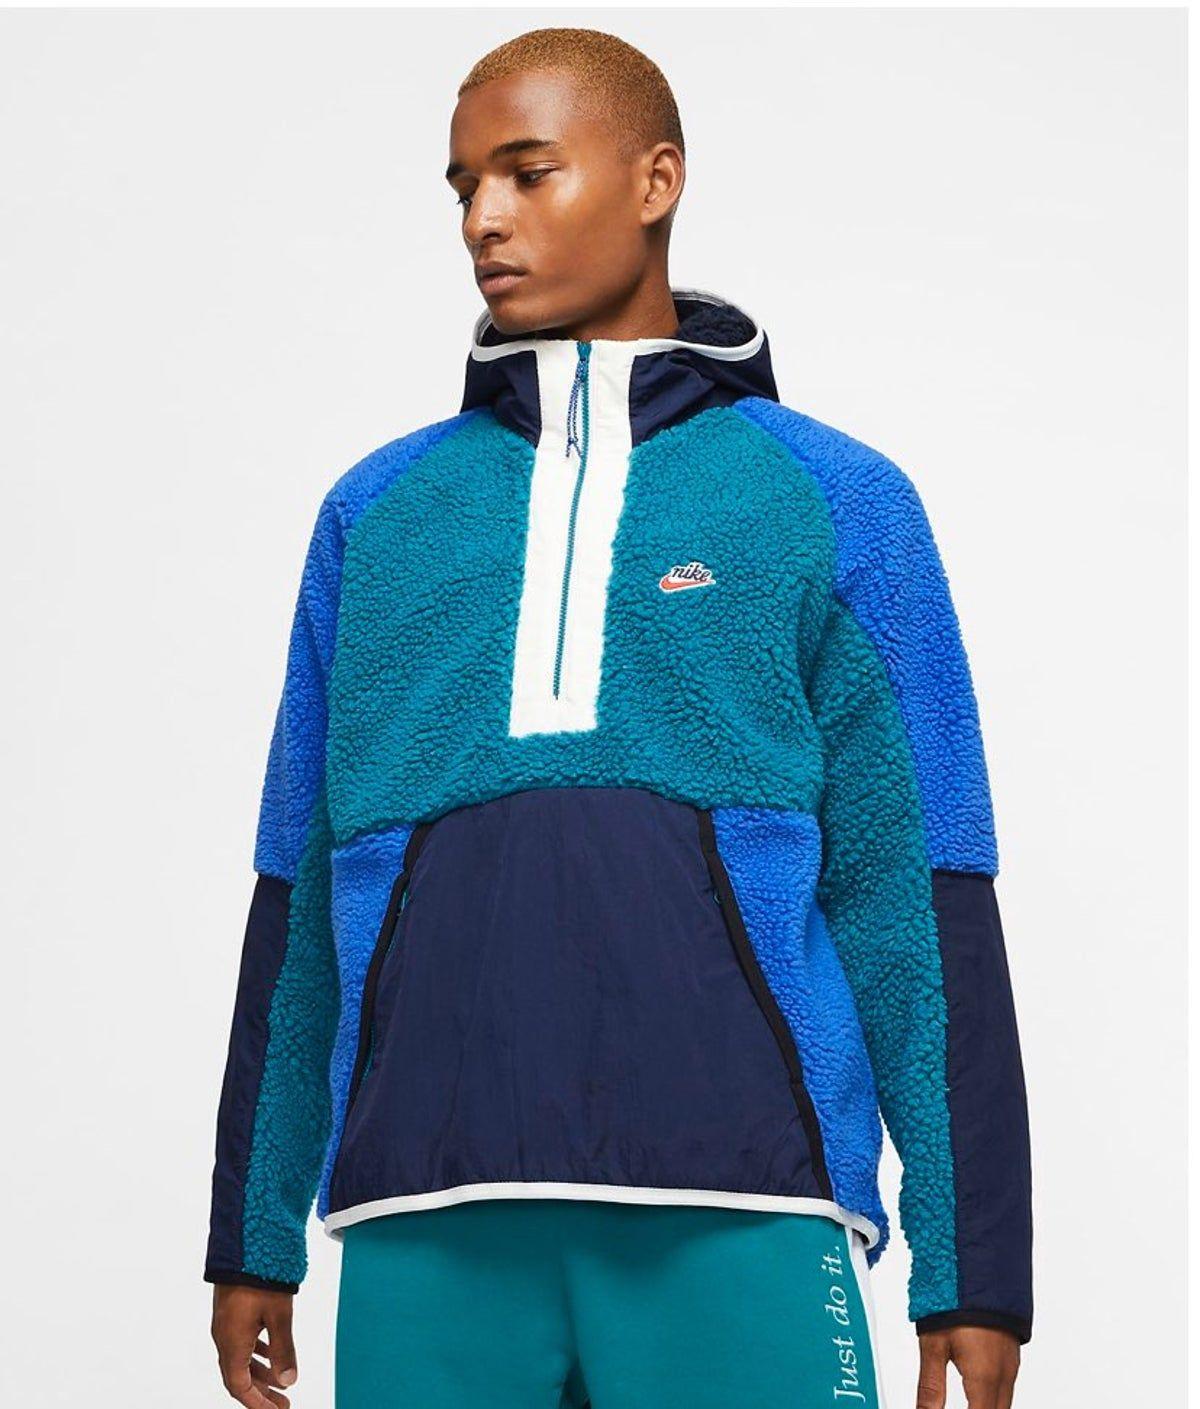 Nike 1 2 Zip Sherpa Hoodie Jacket Sz L In 2021 Mens Sweatshirts Hoodie Hoodies Men Sherpa Hoodie [ 1409 x 1200 Pixel ]